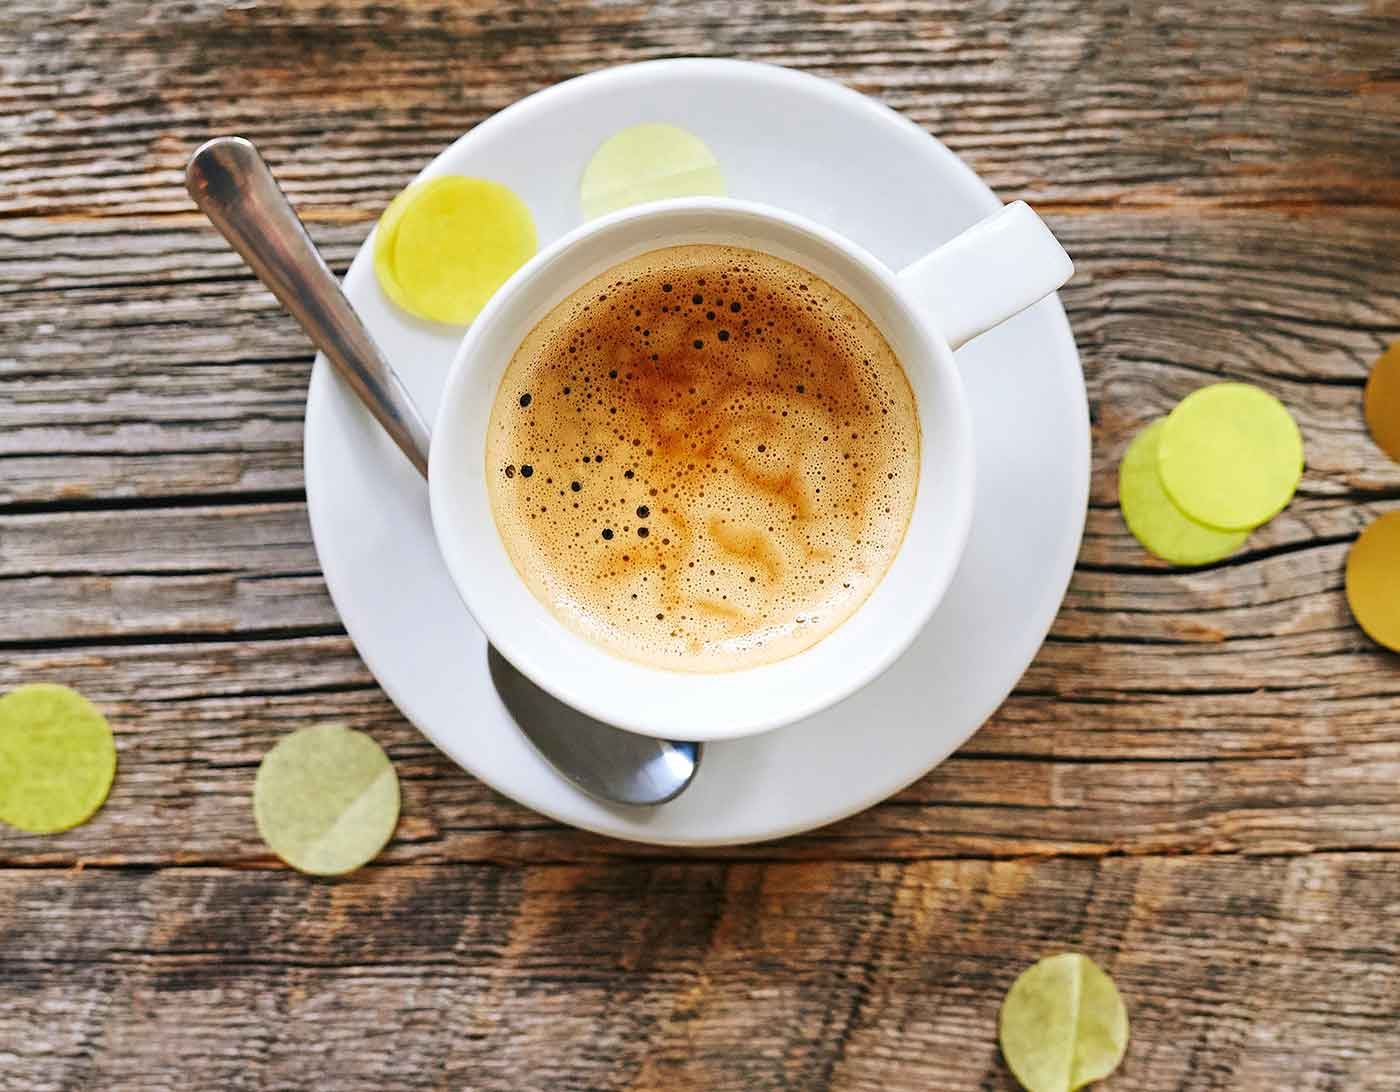 En kaffekopp på fat på ett grovt träbord i grånat trä